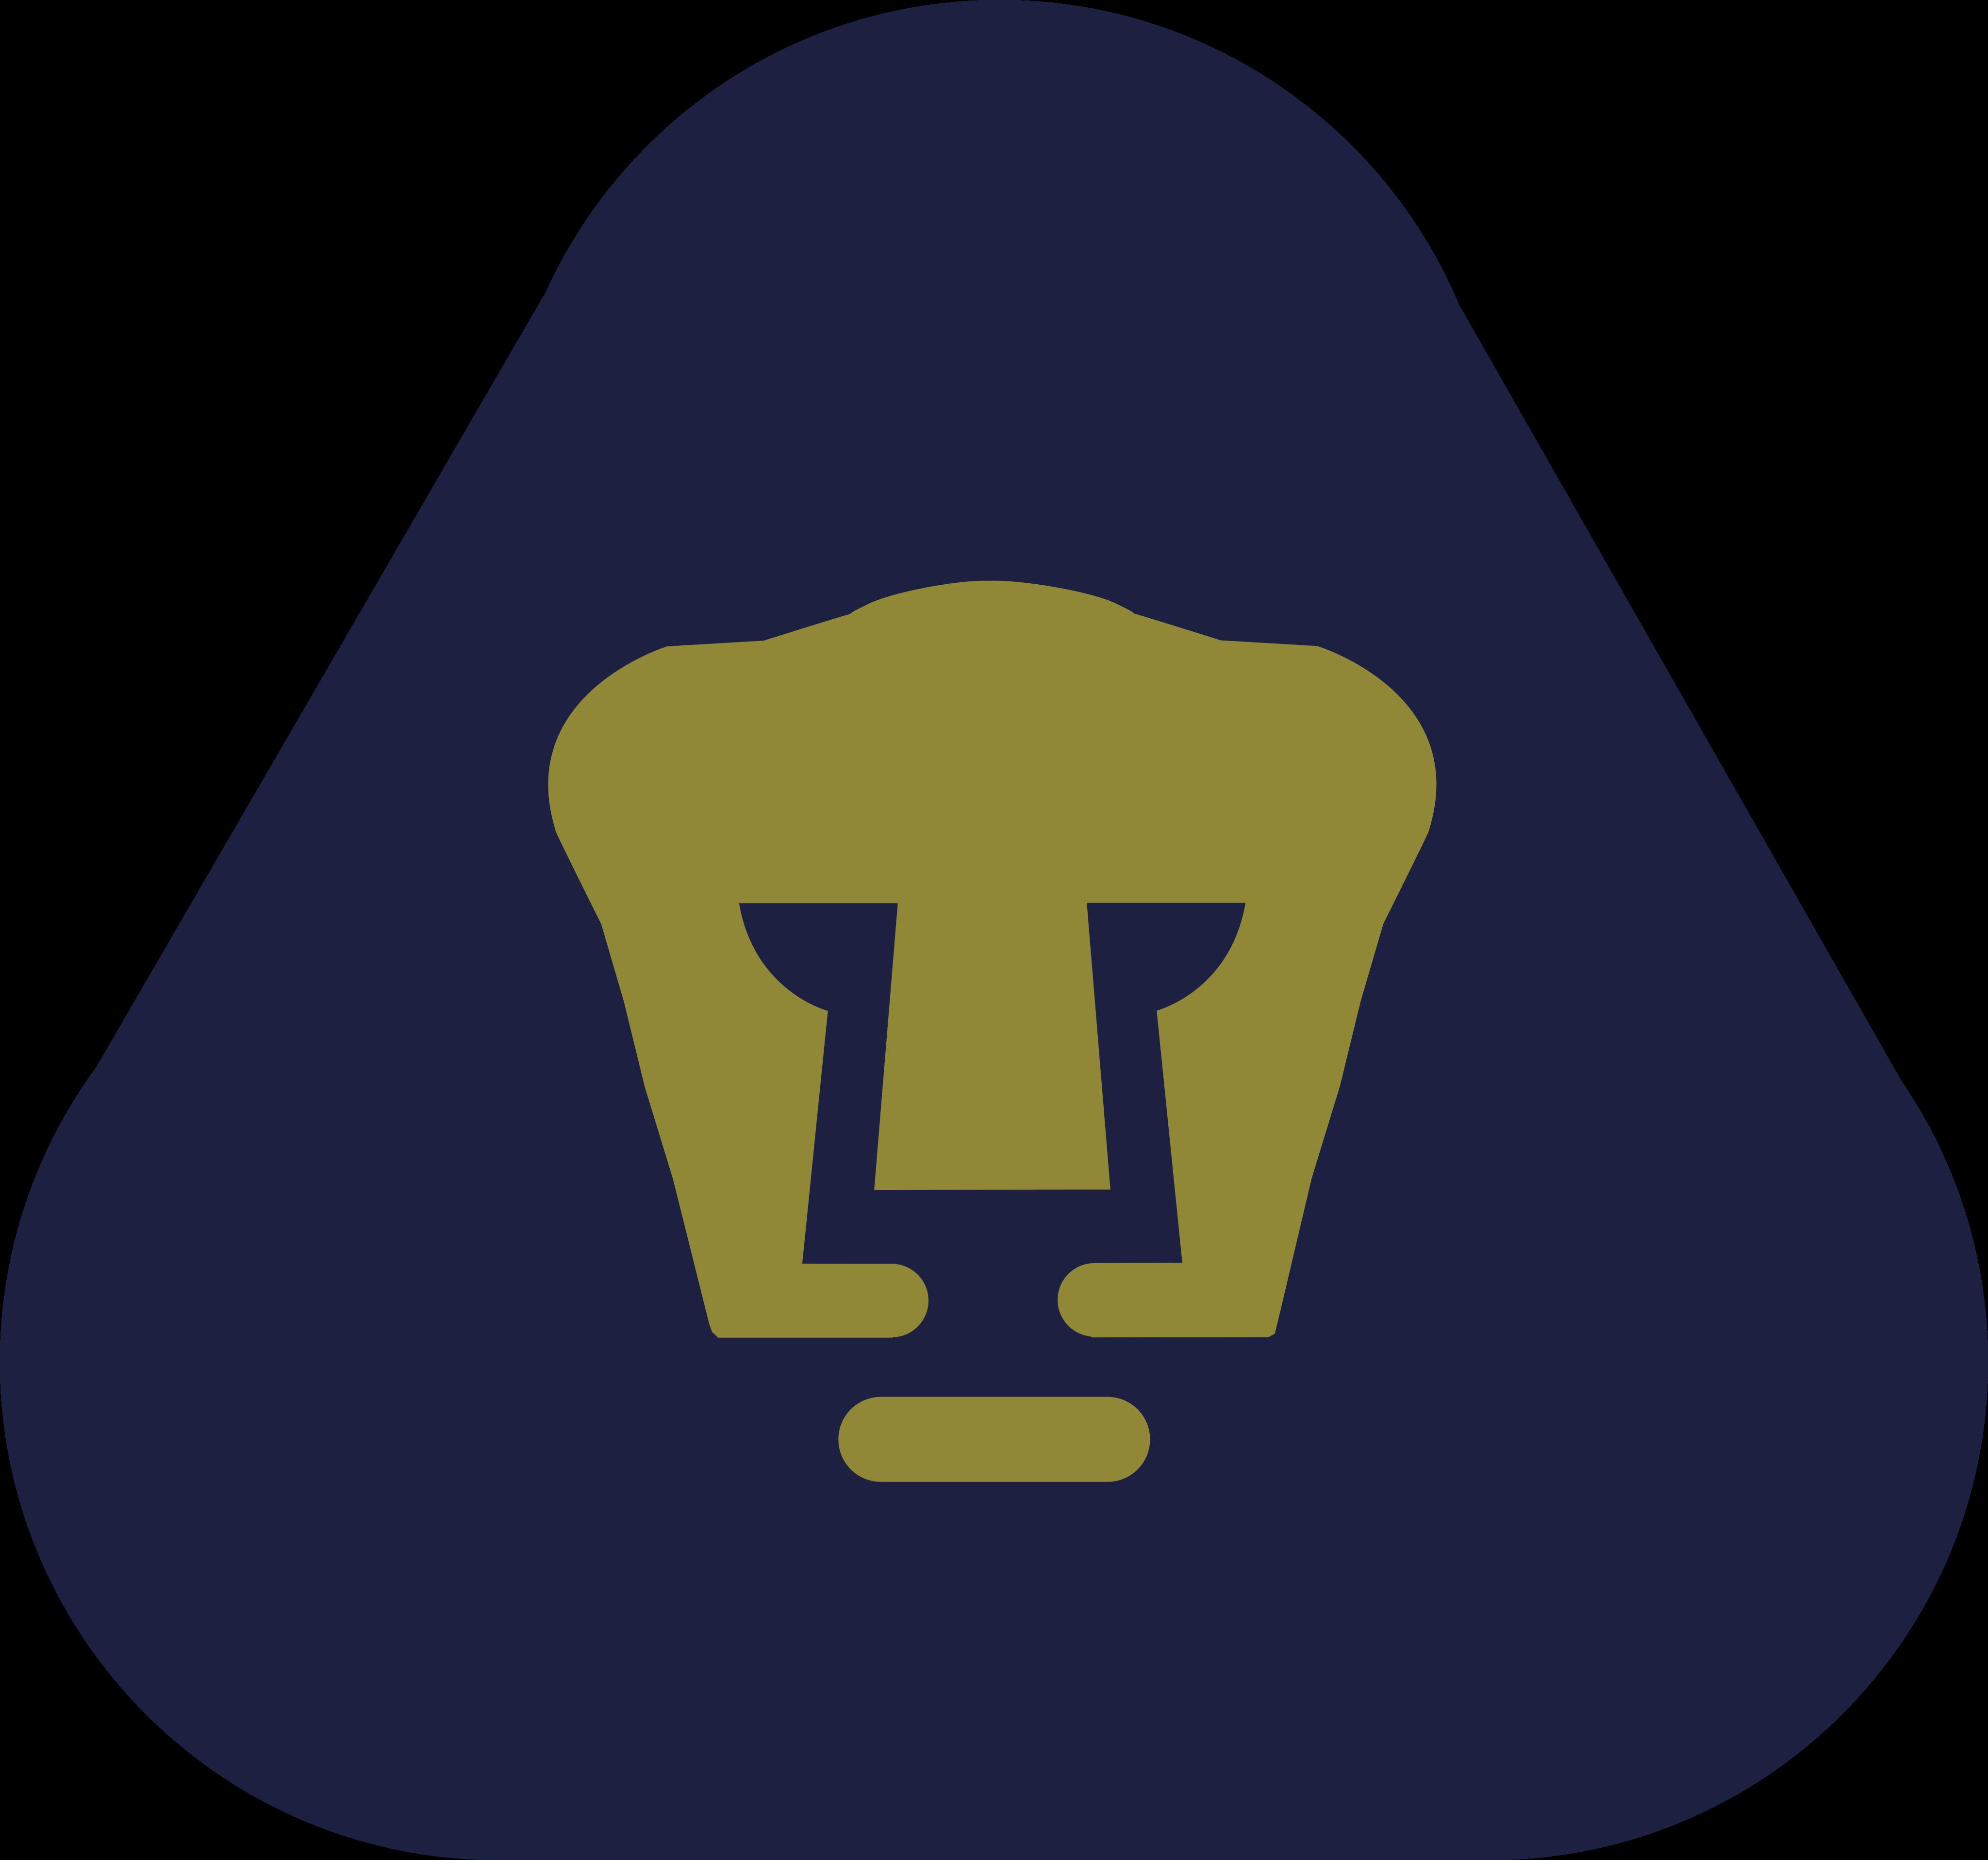 pumas unam logo - Pumas UNAM Logo